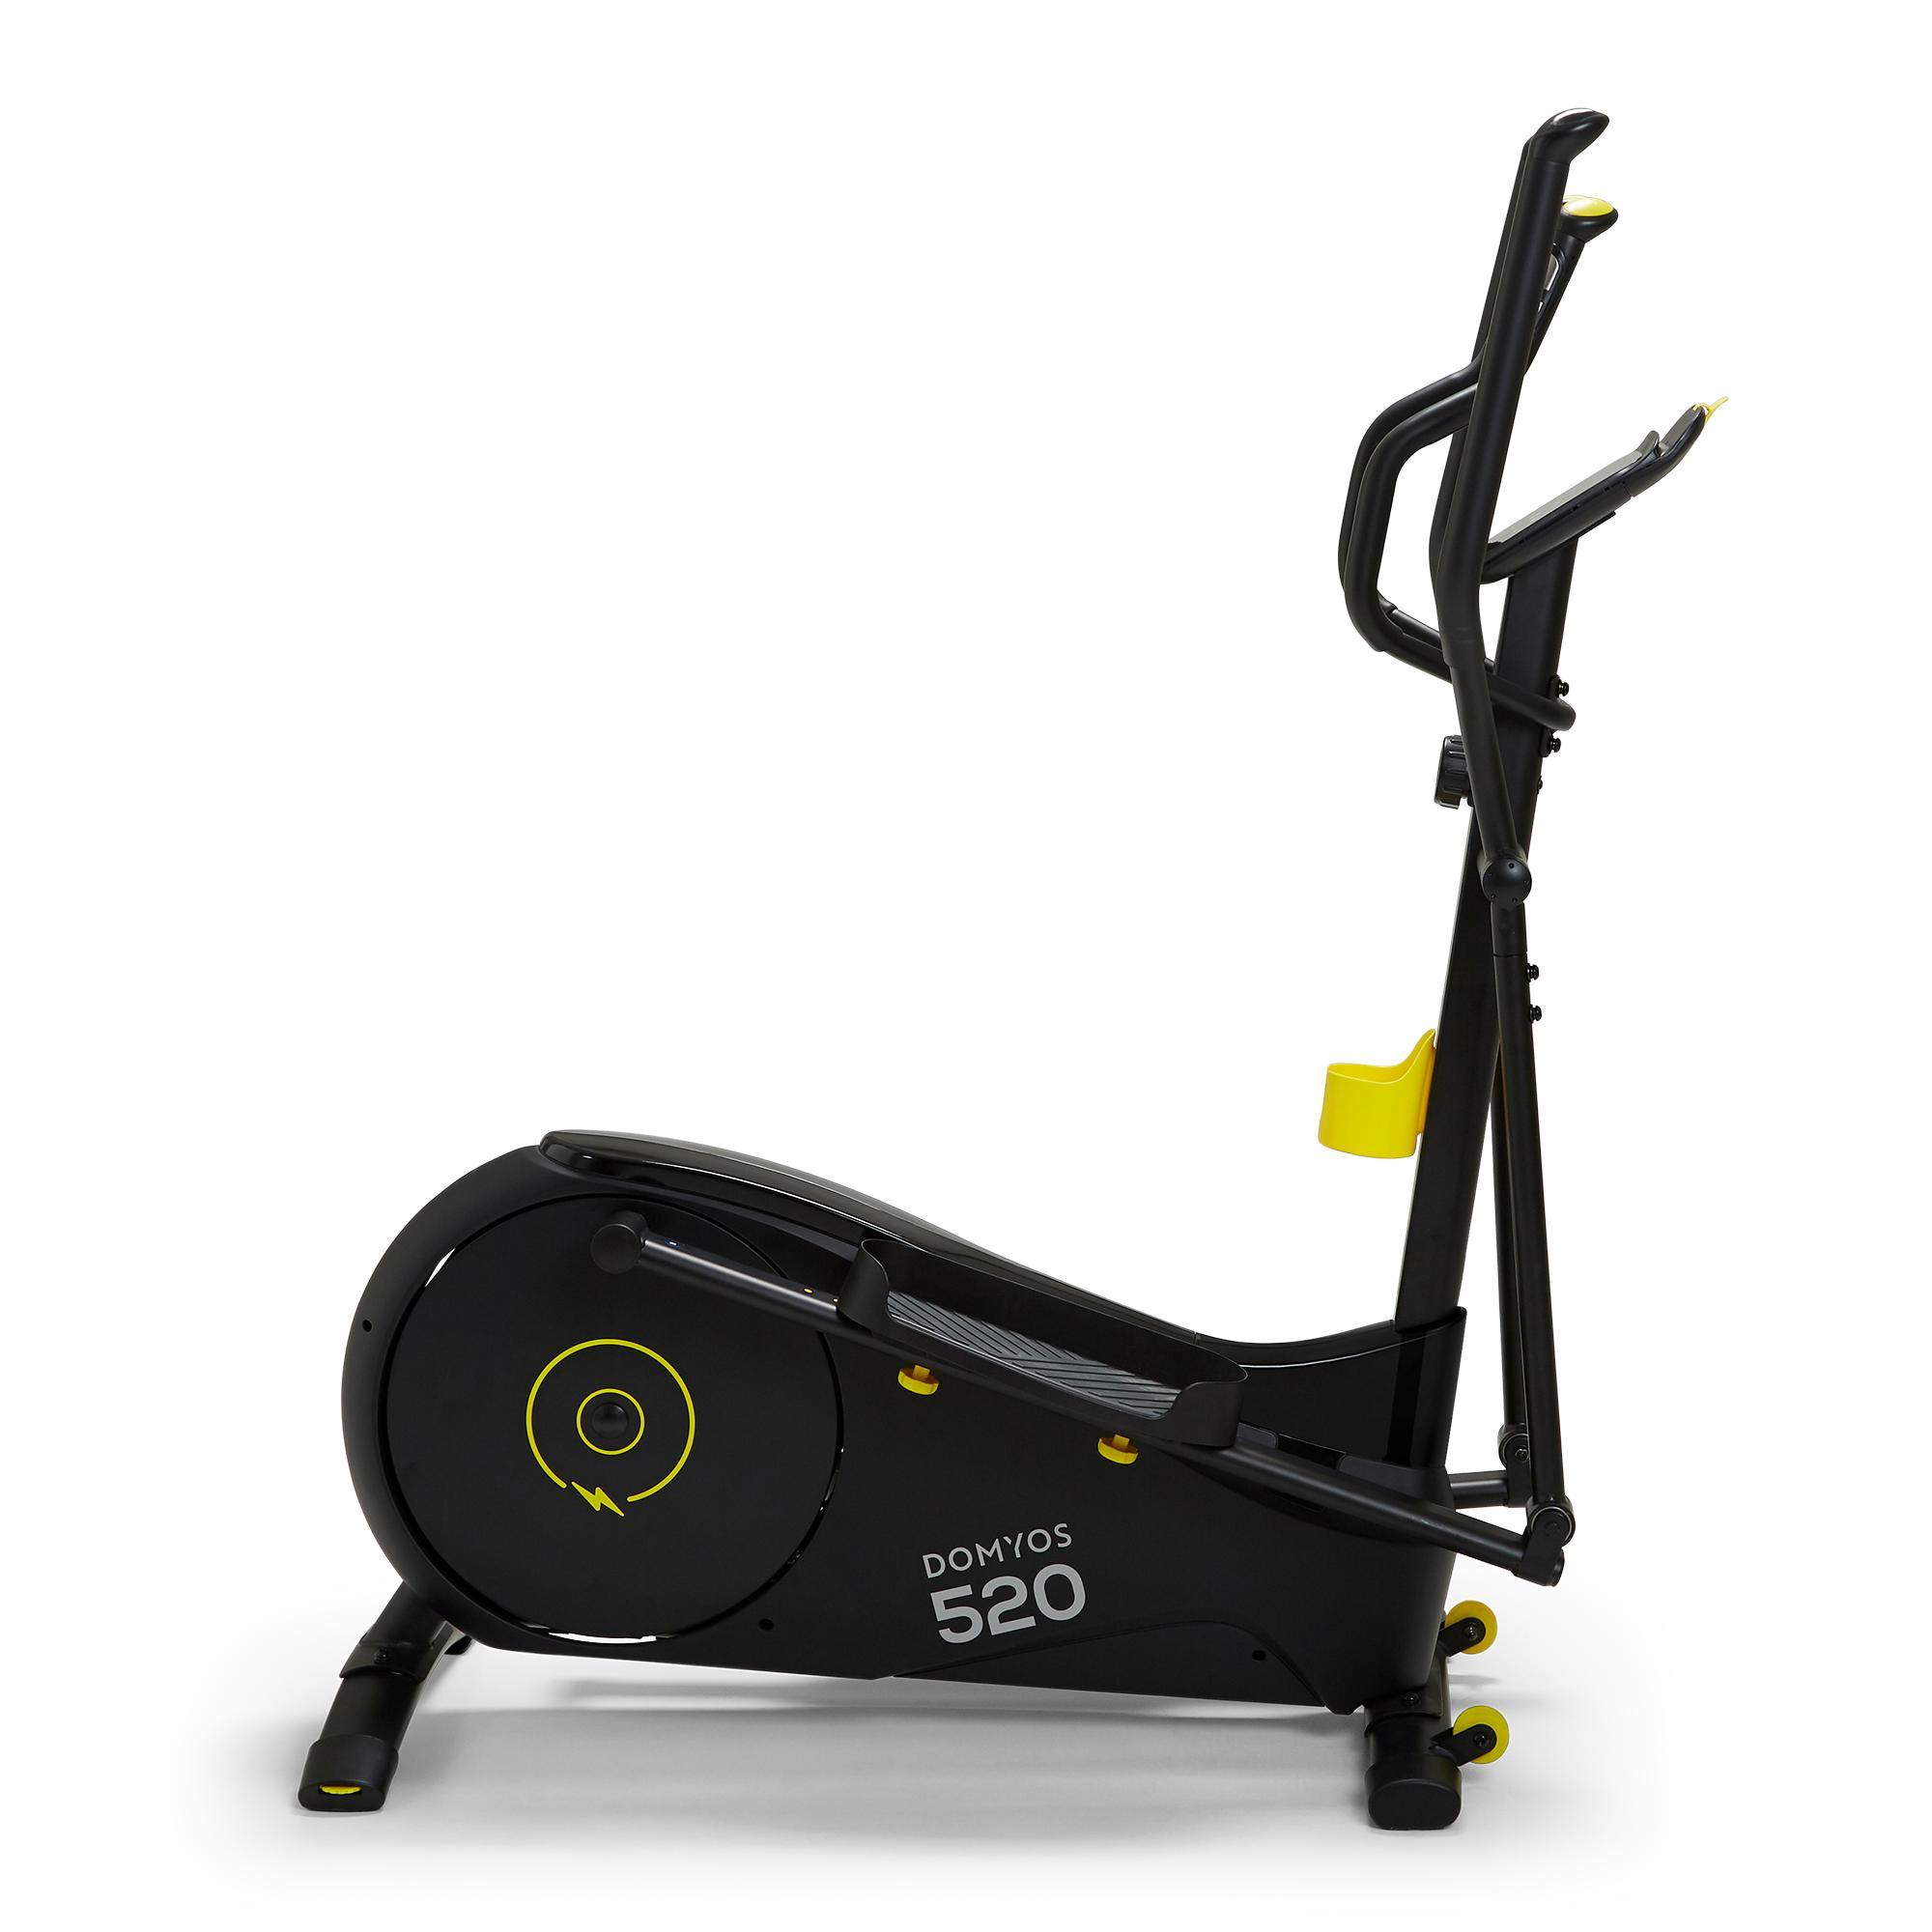 Bicicletă eliptică EL520